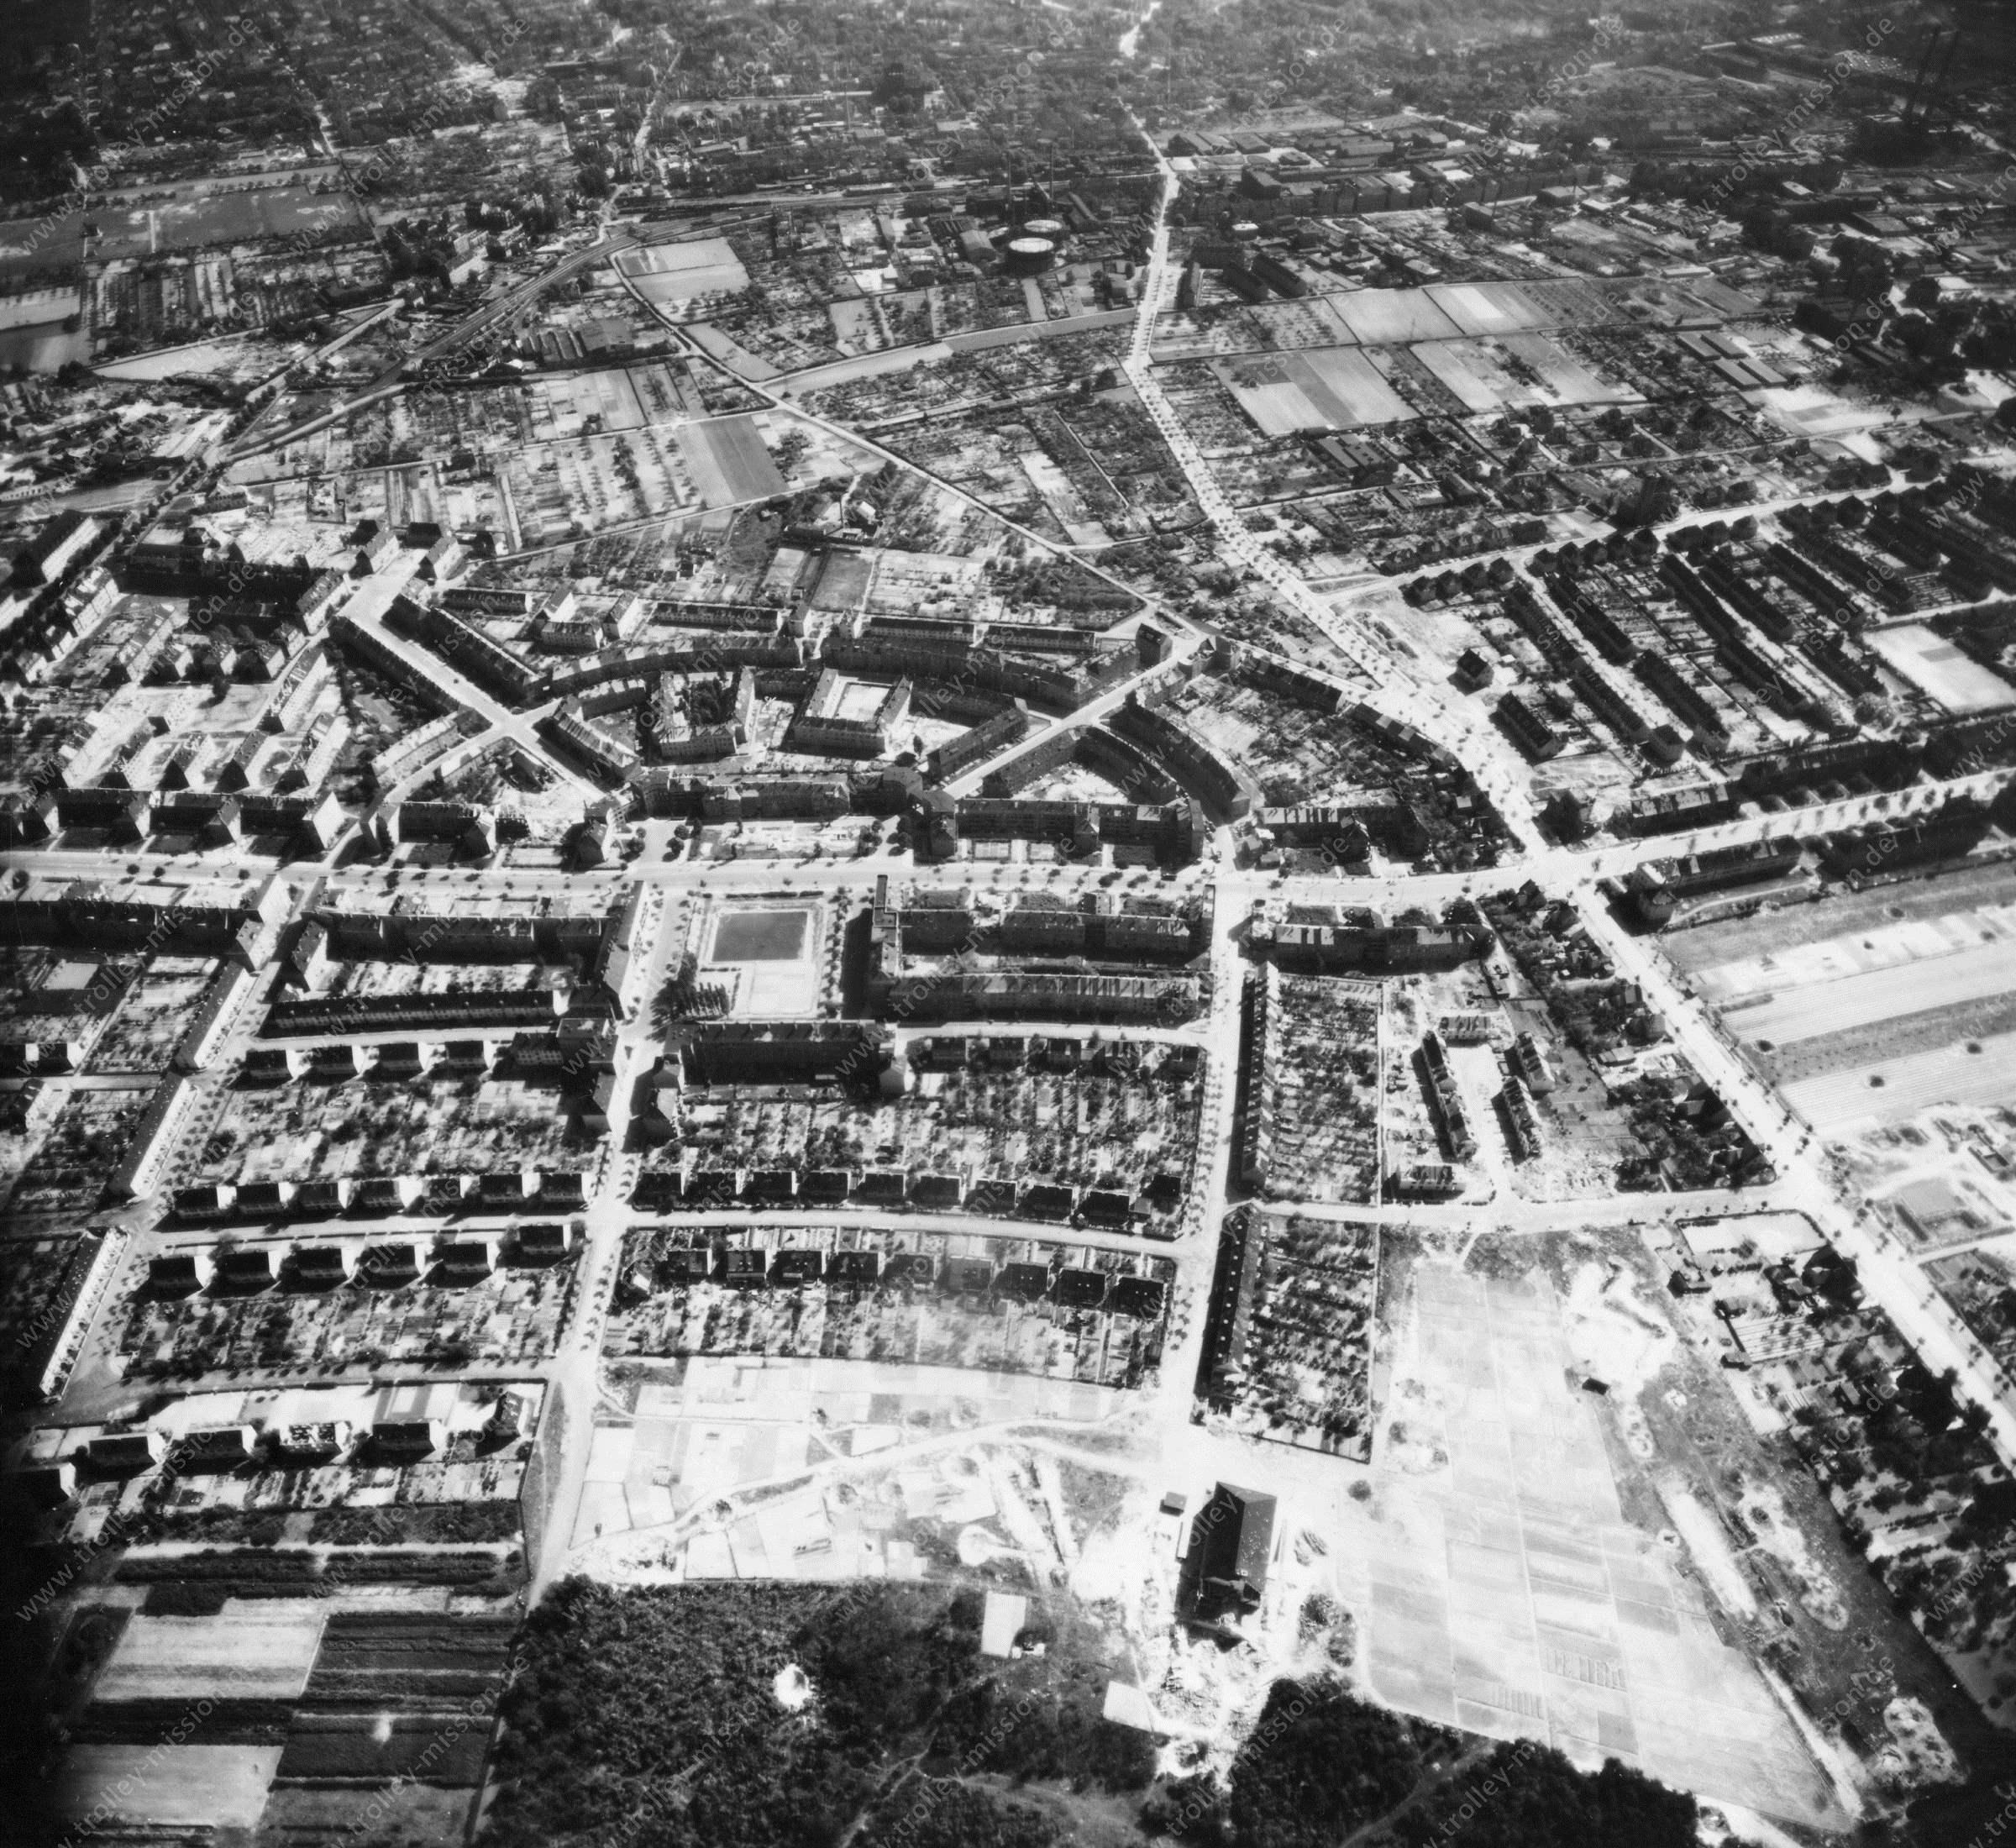 Luftbild von Braunschweig am 12. Mai 1945 - Luftbildserie 2/11 der US Air Force